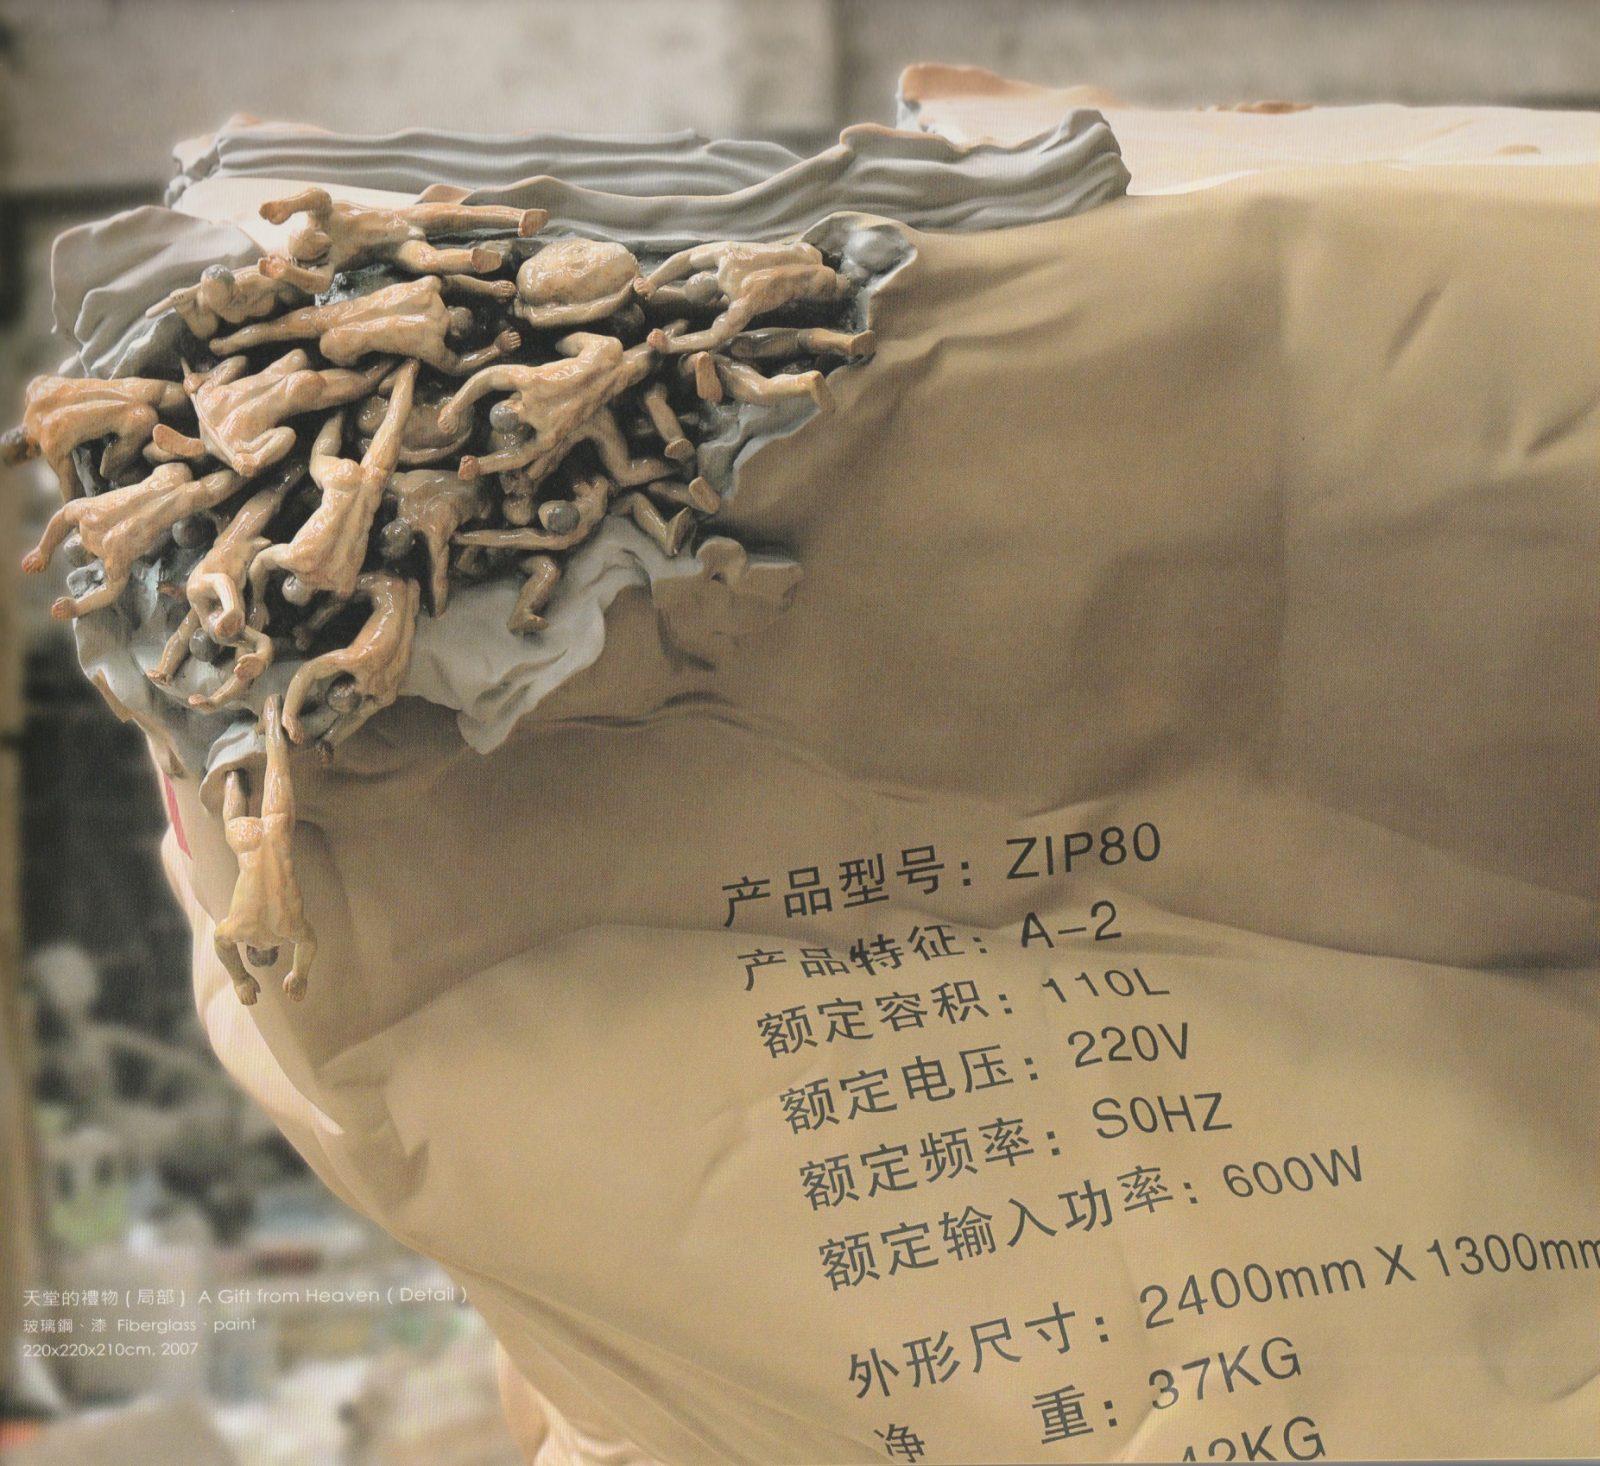 A Gift from Heaven(Detail)by Jiao Xingtao, Fiberglass,paint, 220x220x210cm 2007